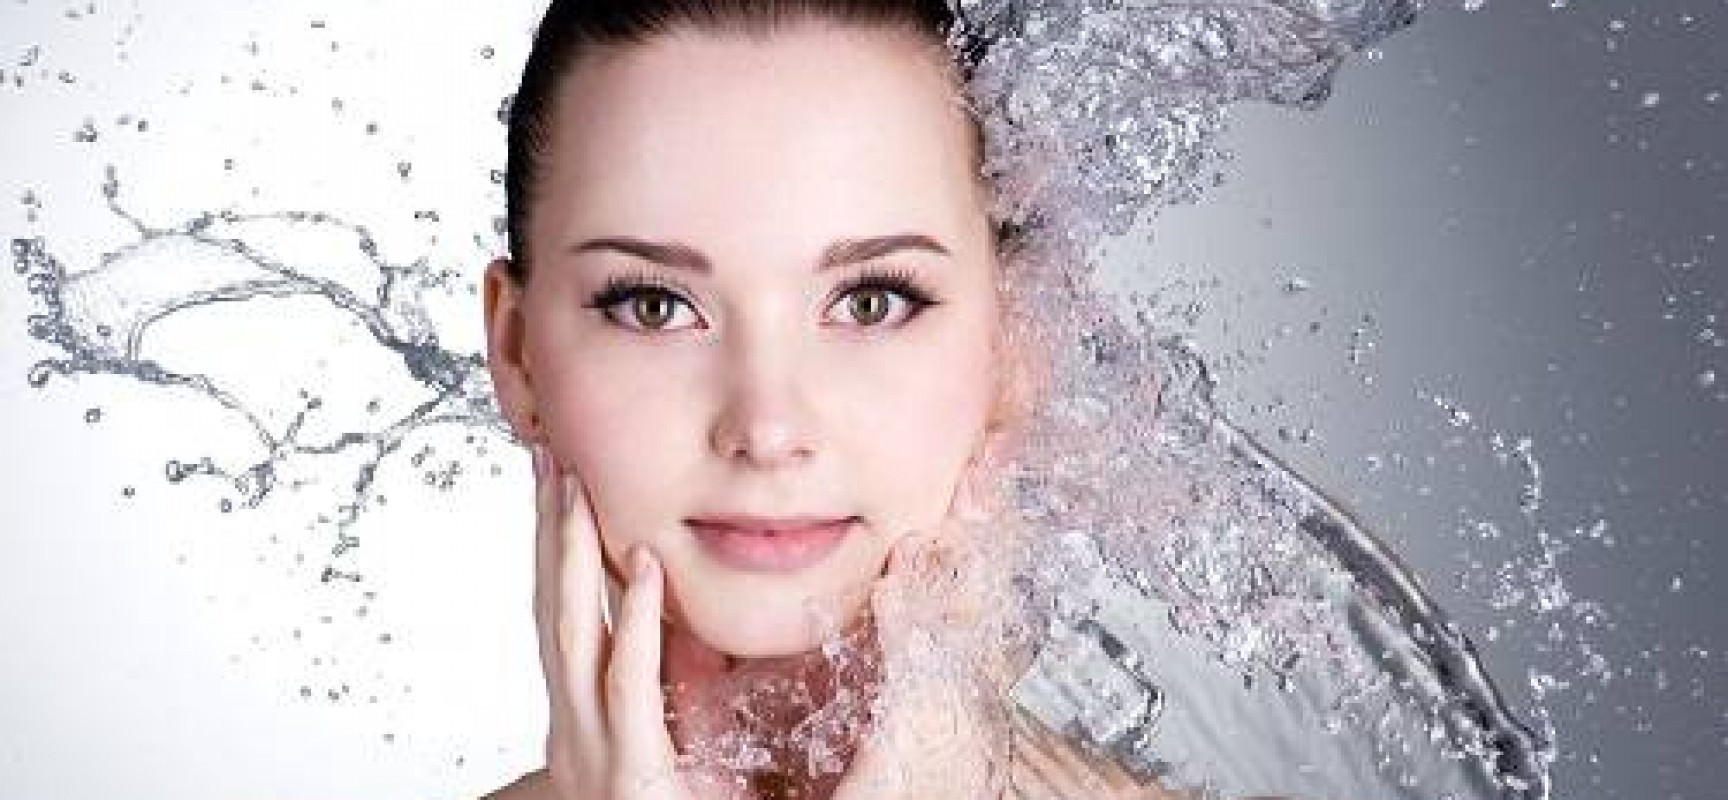 Hai problemi di pelle secca? Ecco i possibili rimedi